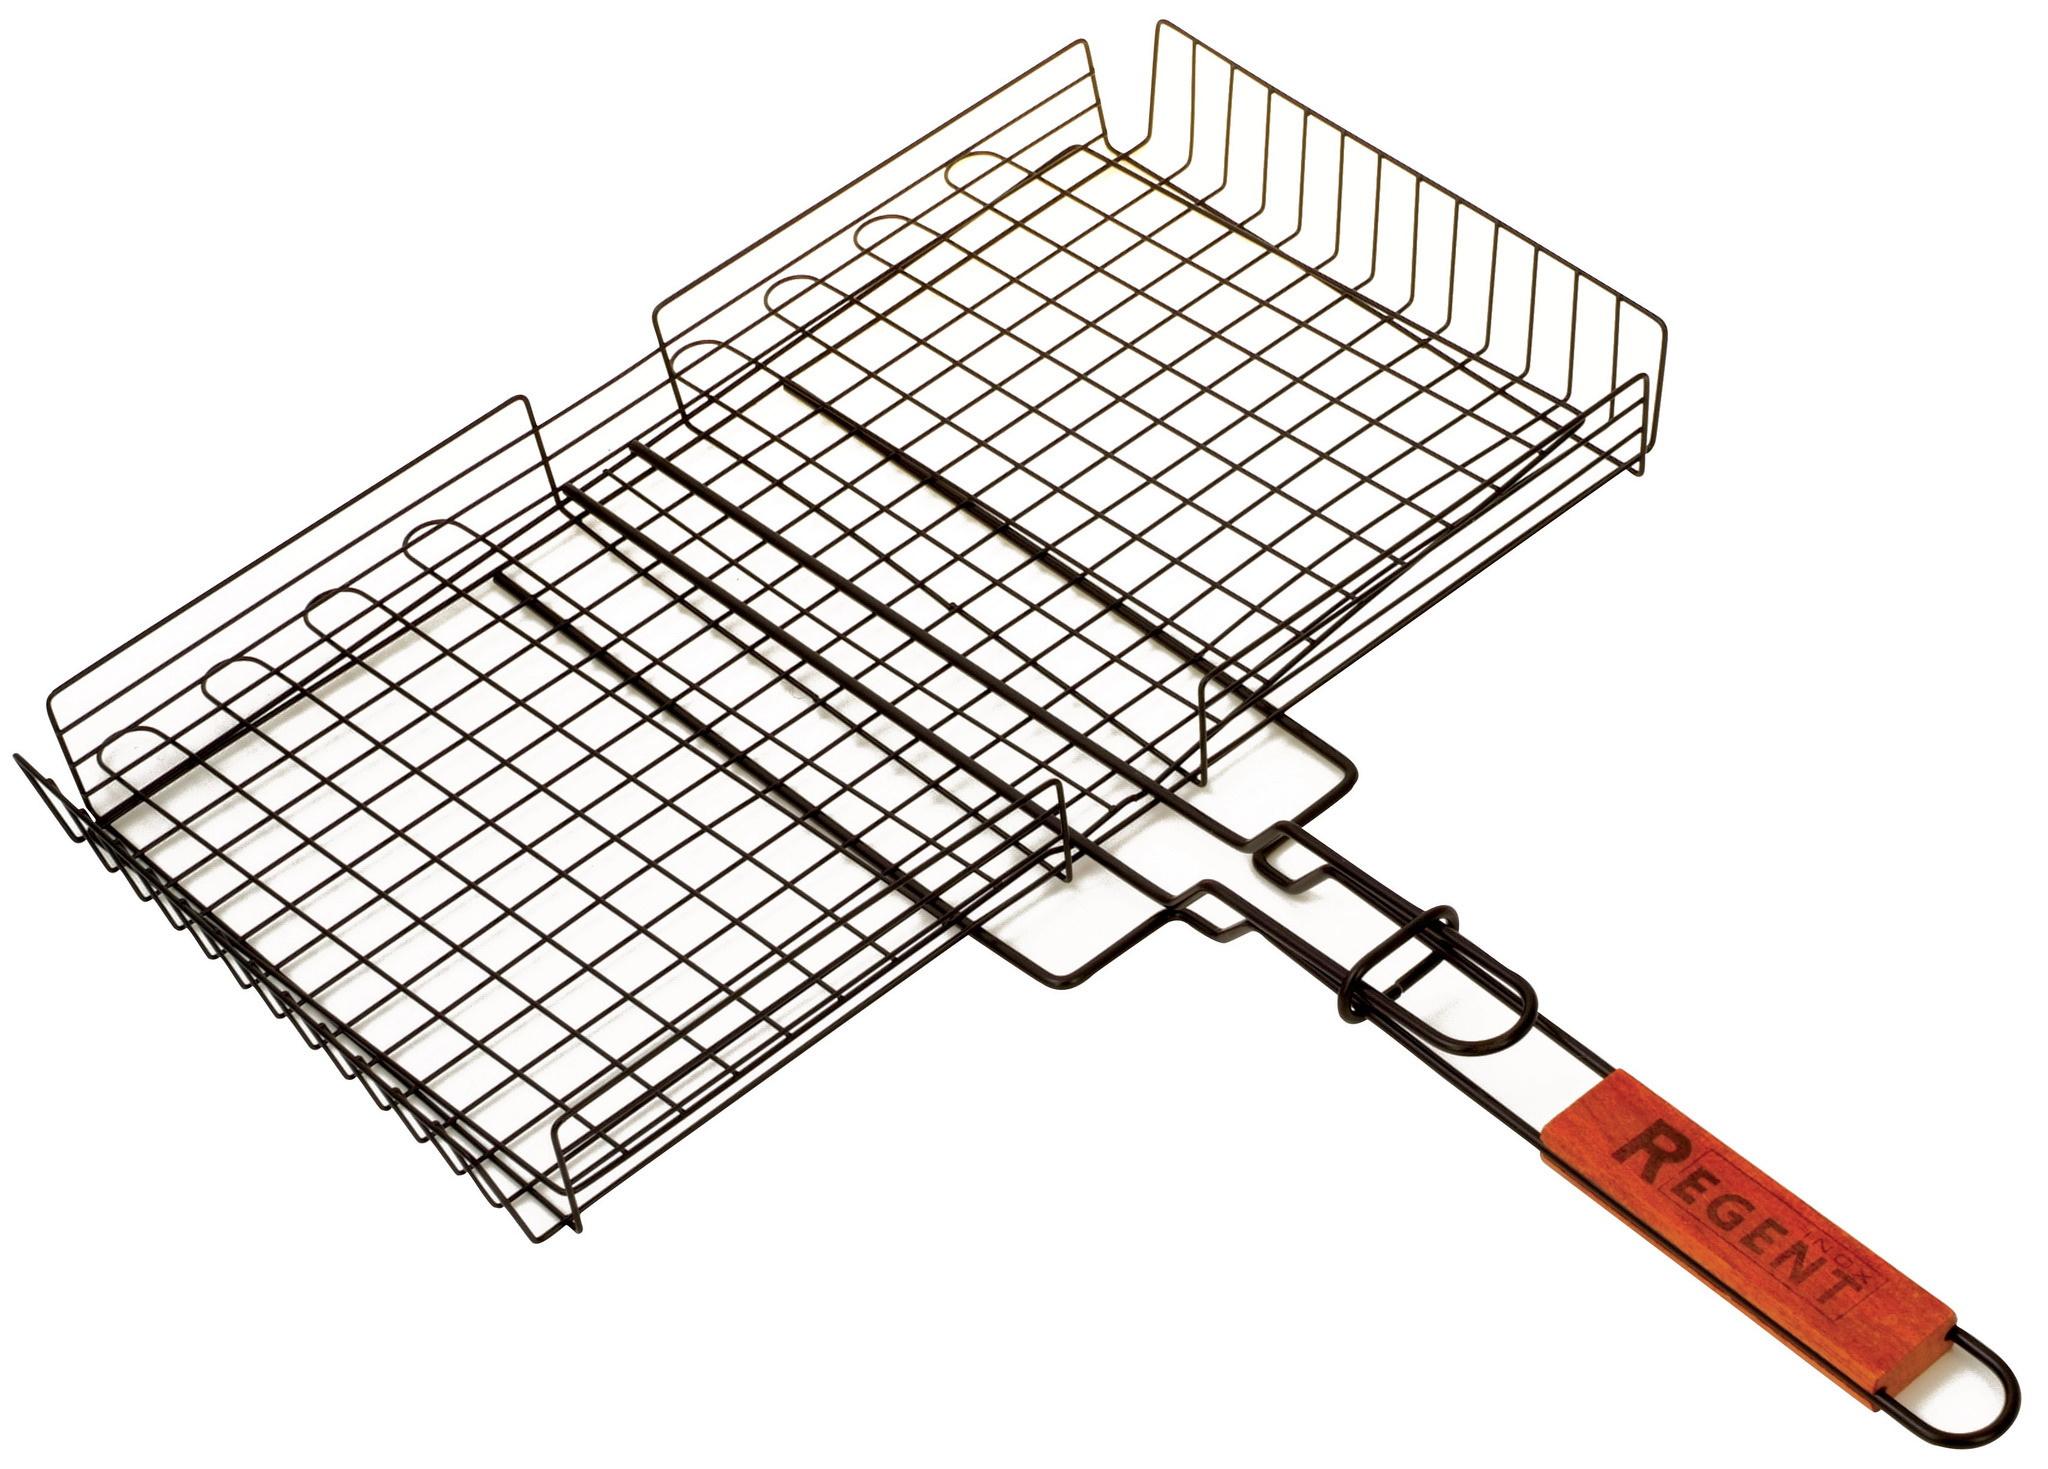 Решётка для гриля Regent inoxАксессуары для грилей<br>Тип: решетка для гриля,<br>Размеры: 450x250<br>